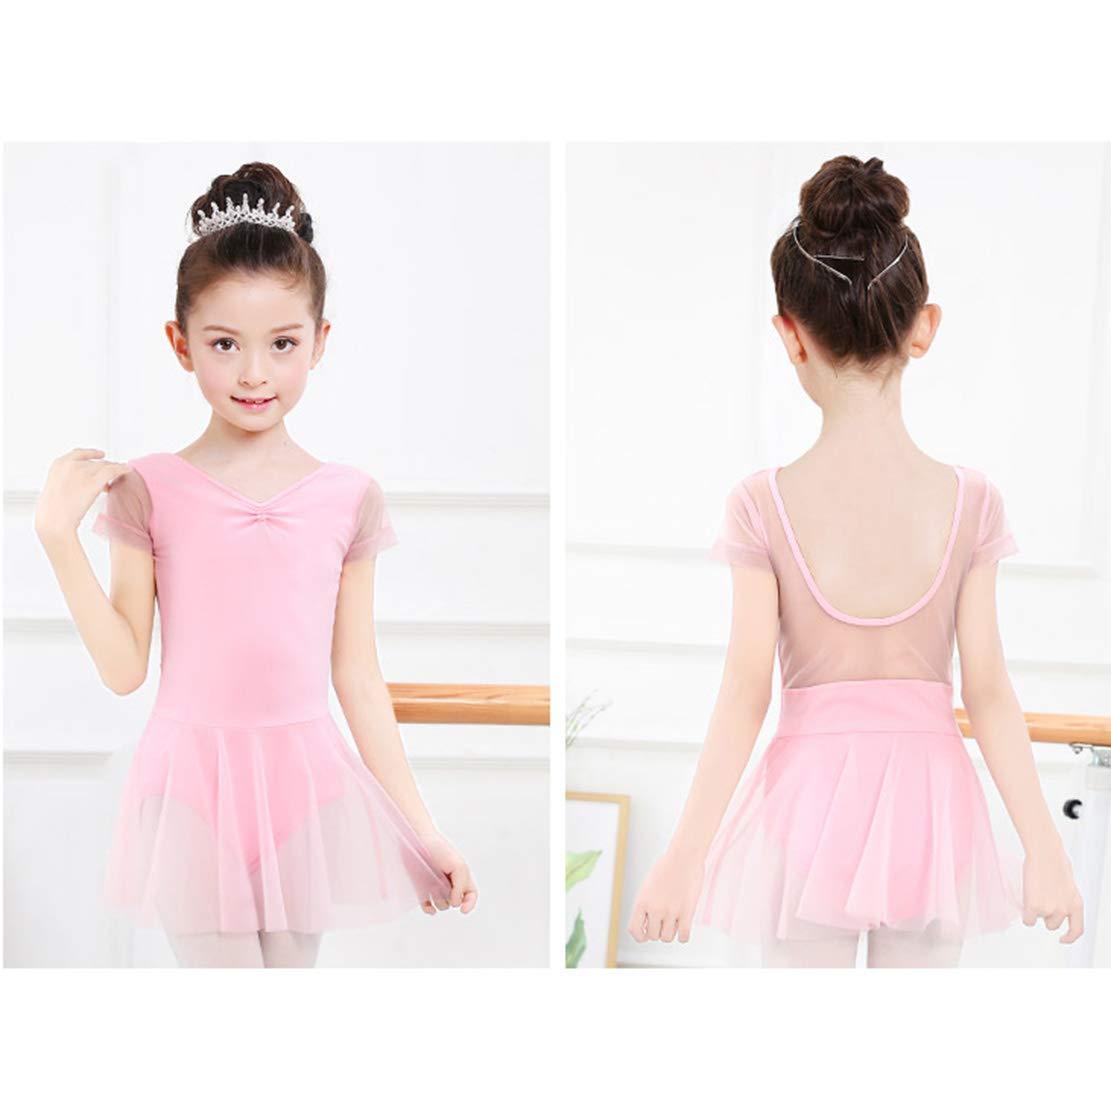 mama stadt Abito da Danza Balletto,Costumi di Ginnastica Body di Danza Classica di Ballerina Vestito per Ragazze Bambine